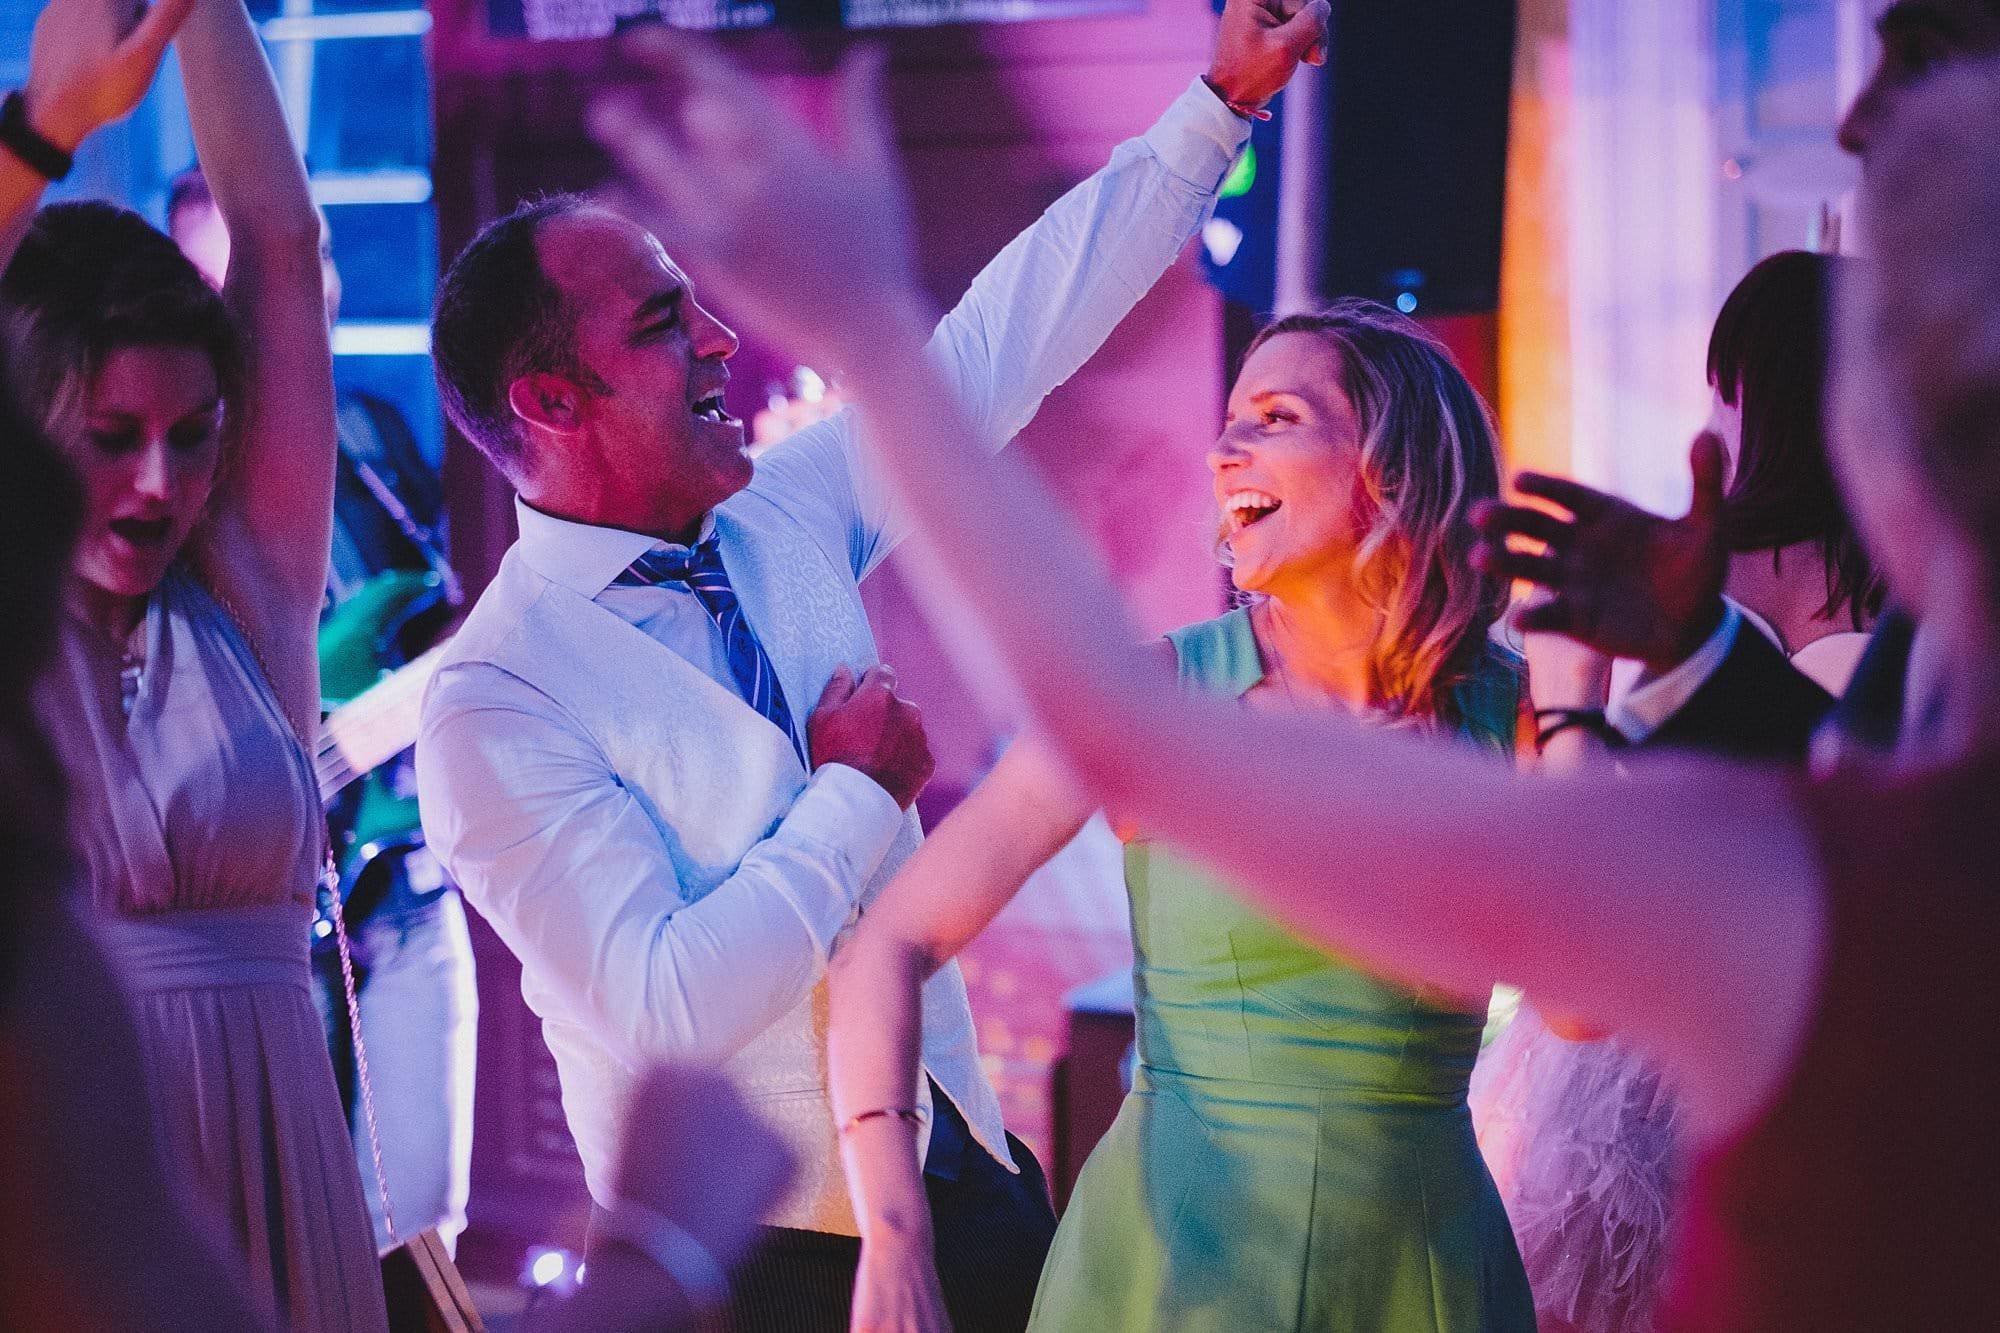 fulham palace wedding photographer 096 - Rosanna + Duncan | Fulham